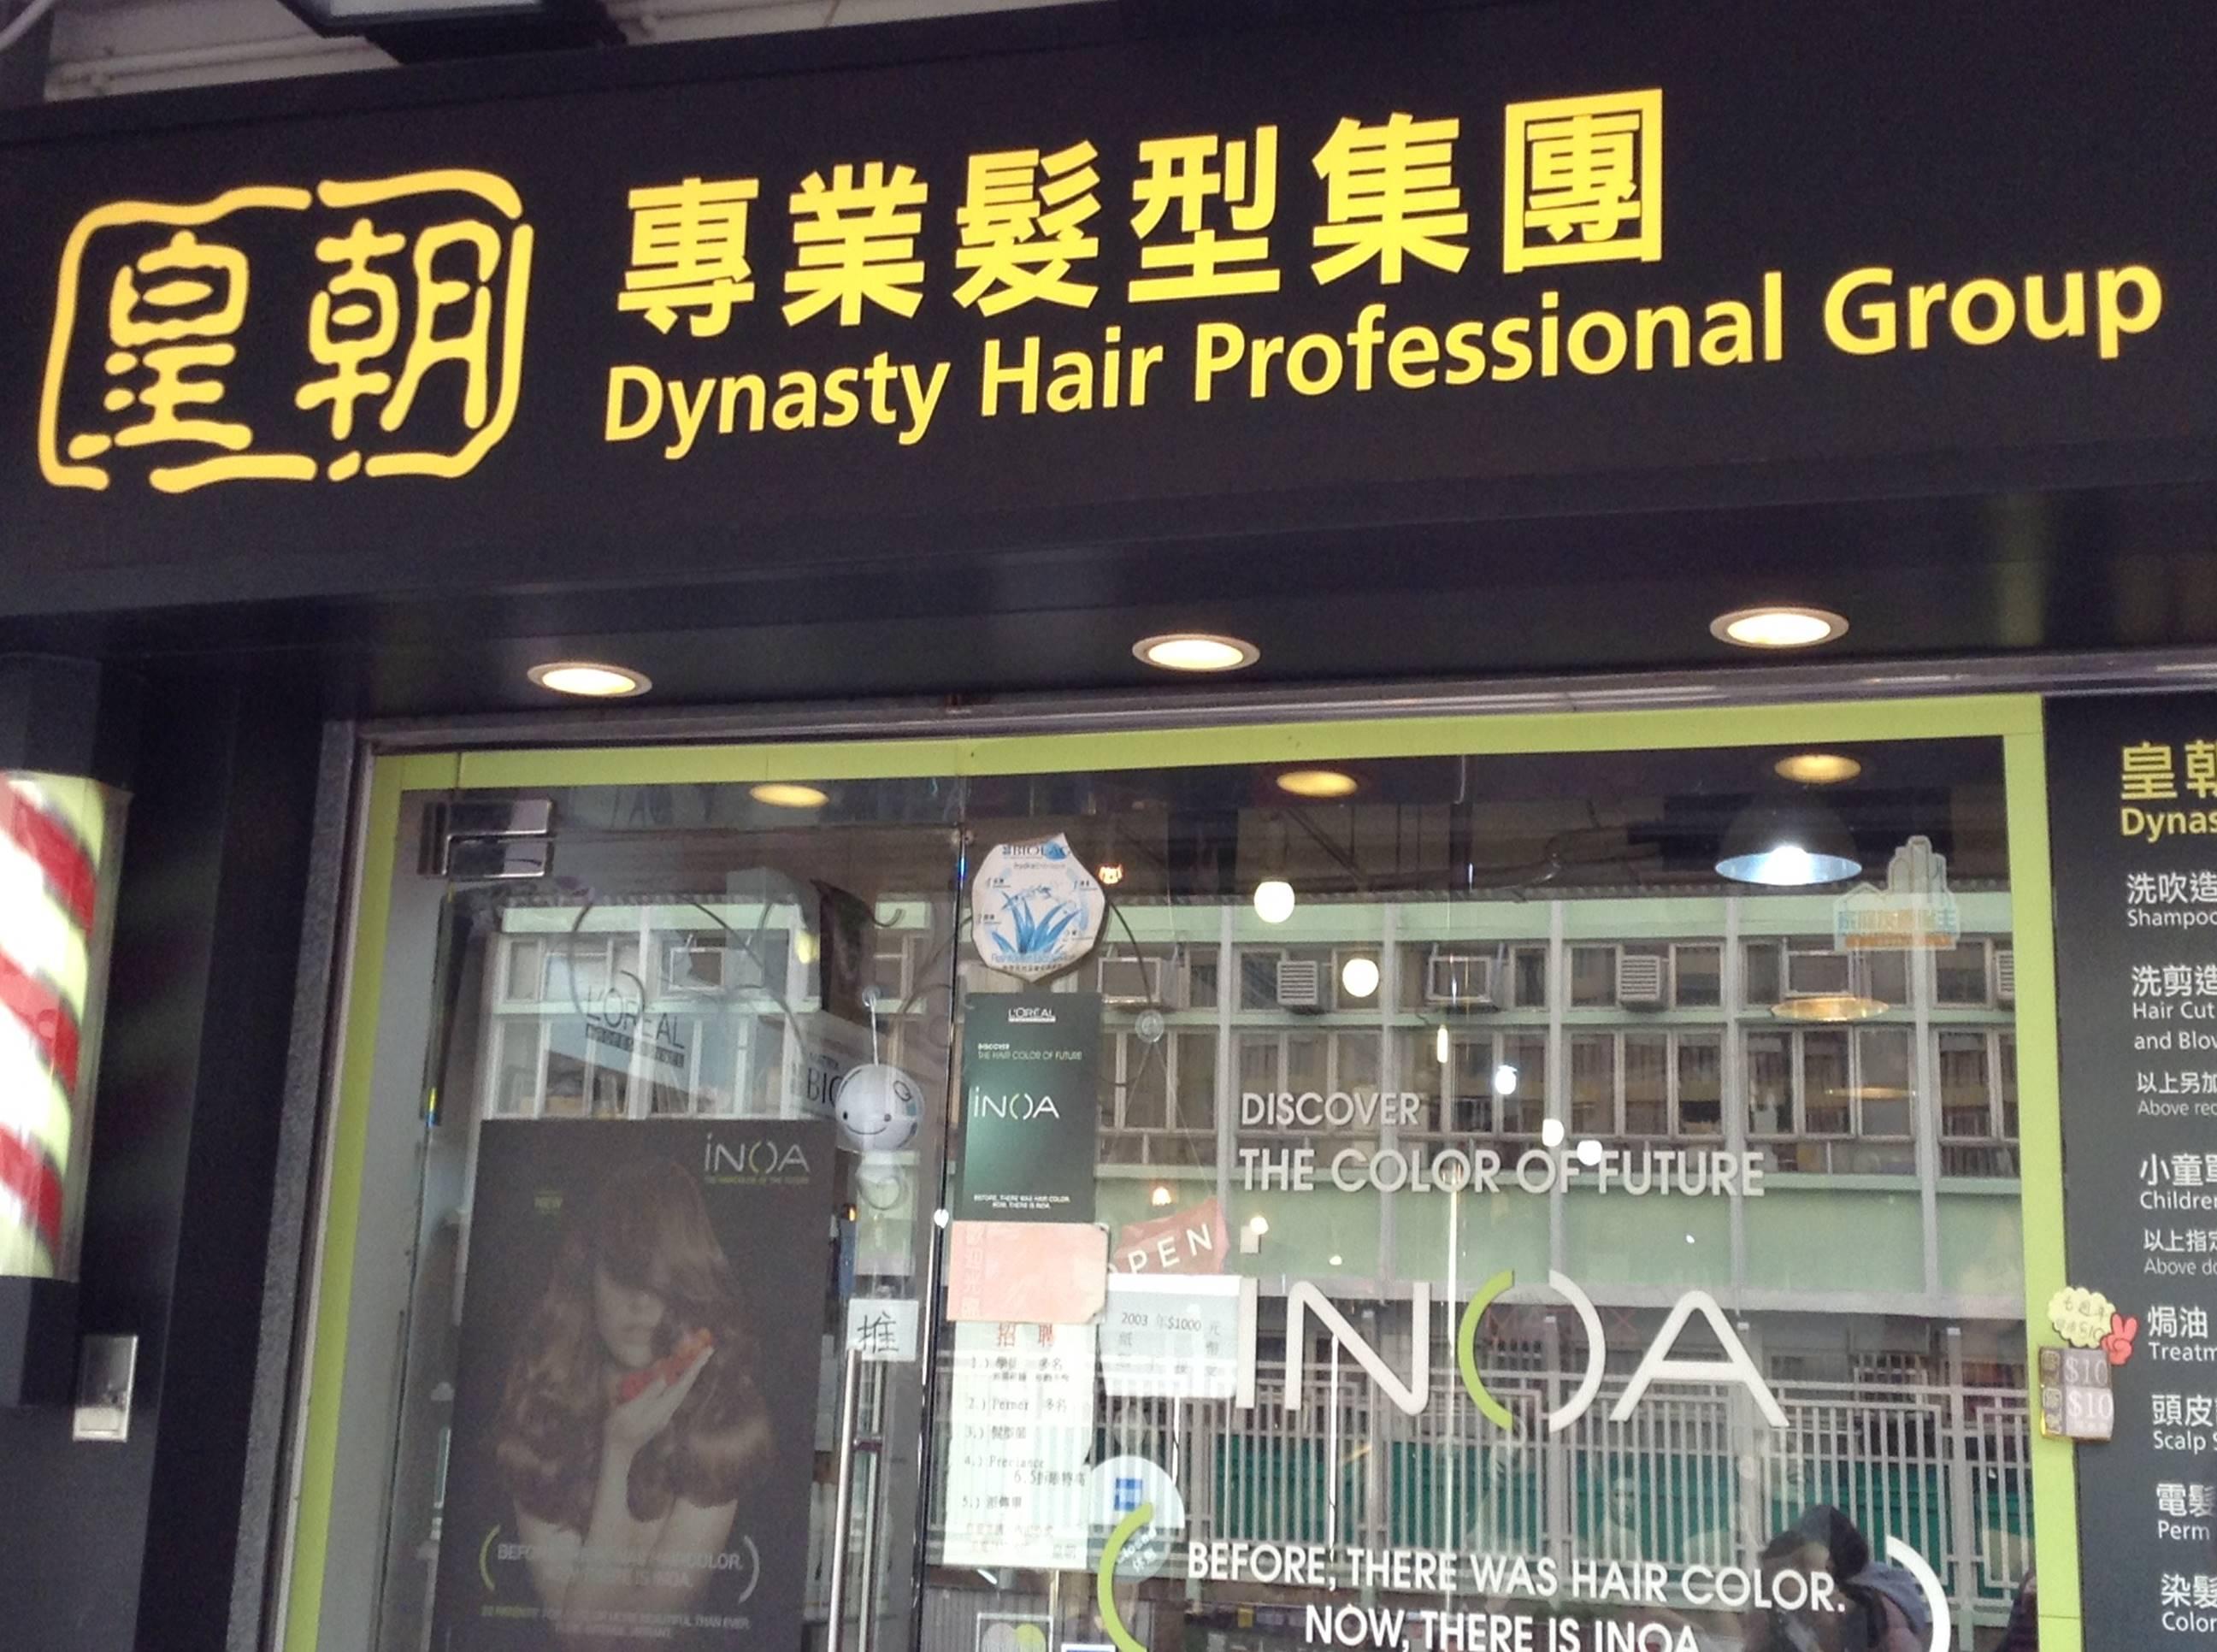 皇朝專業髮型集團